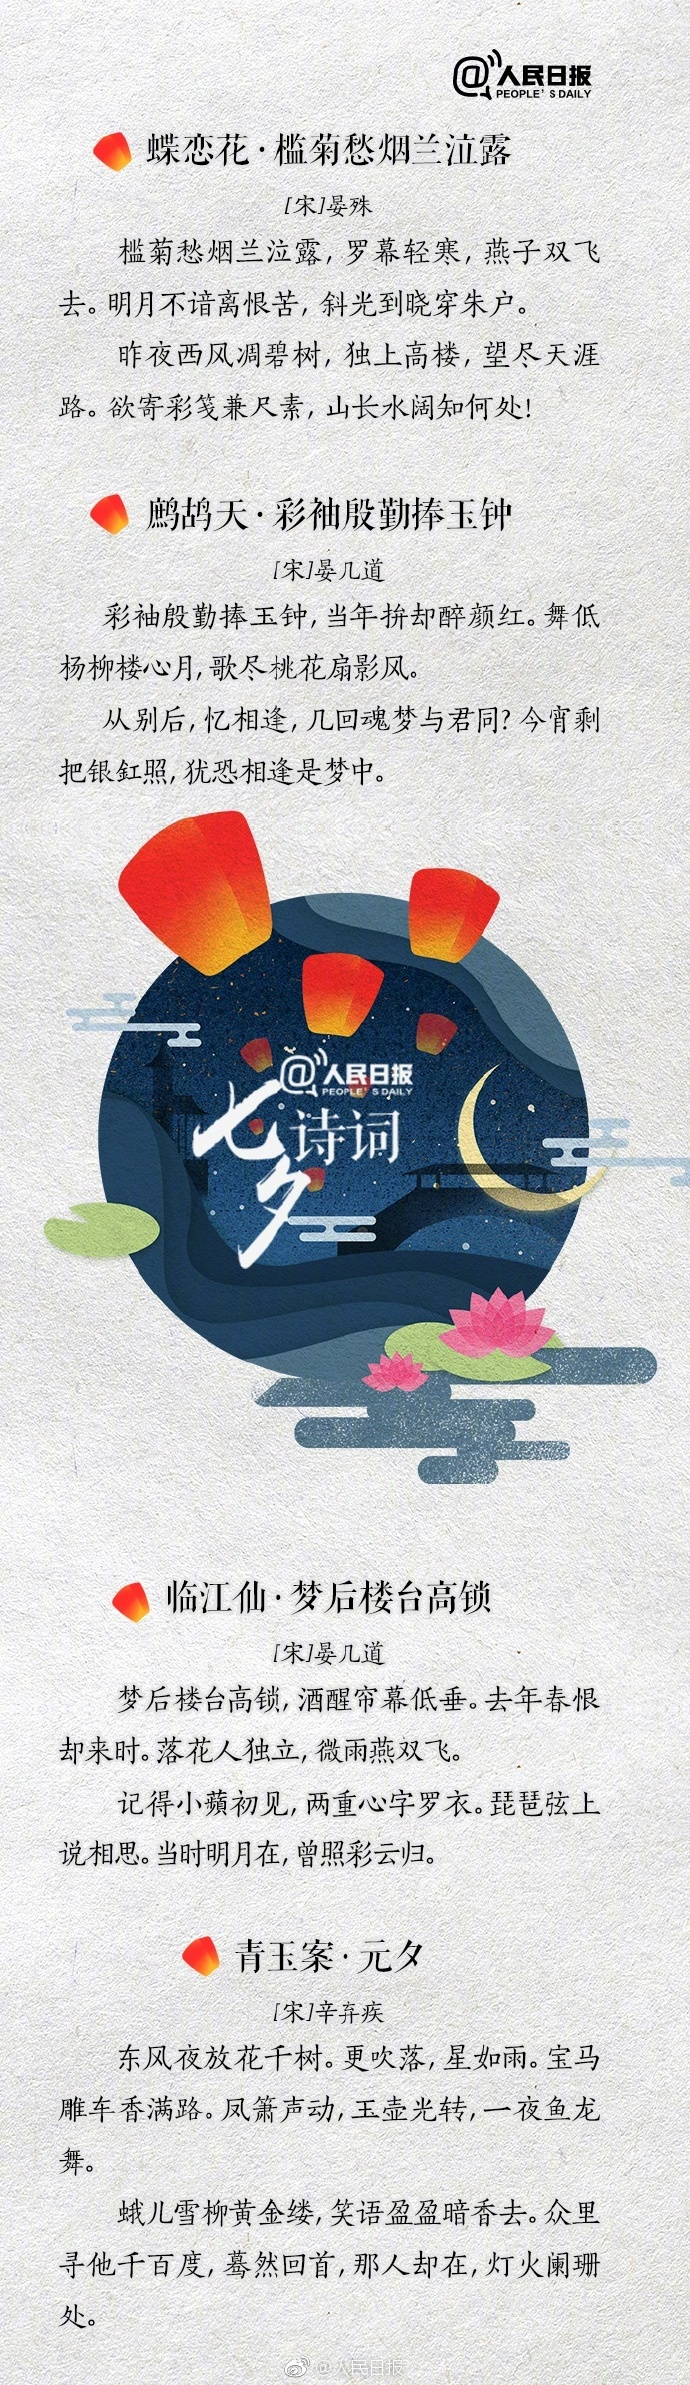 2014世界杯网上投注:七夕节36首绝美爱情诗词,值得收藏